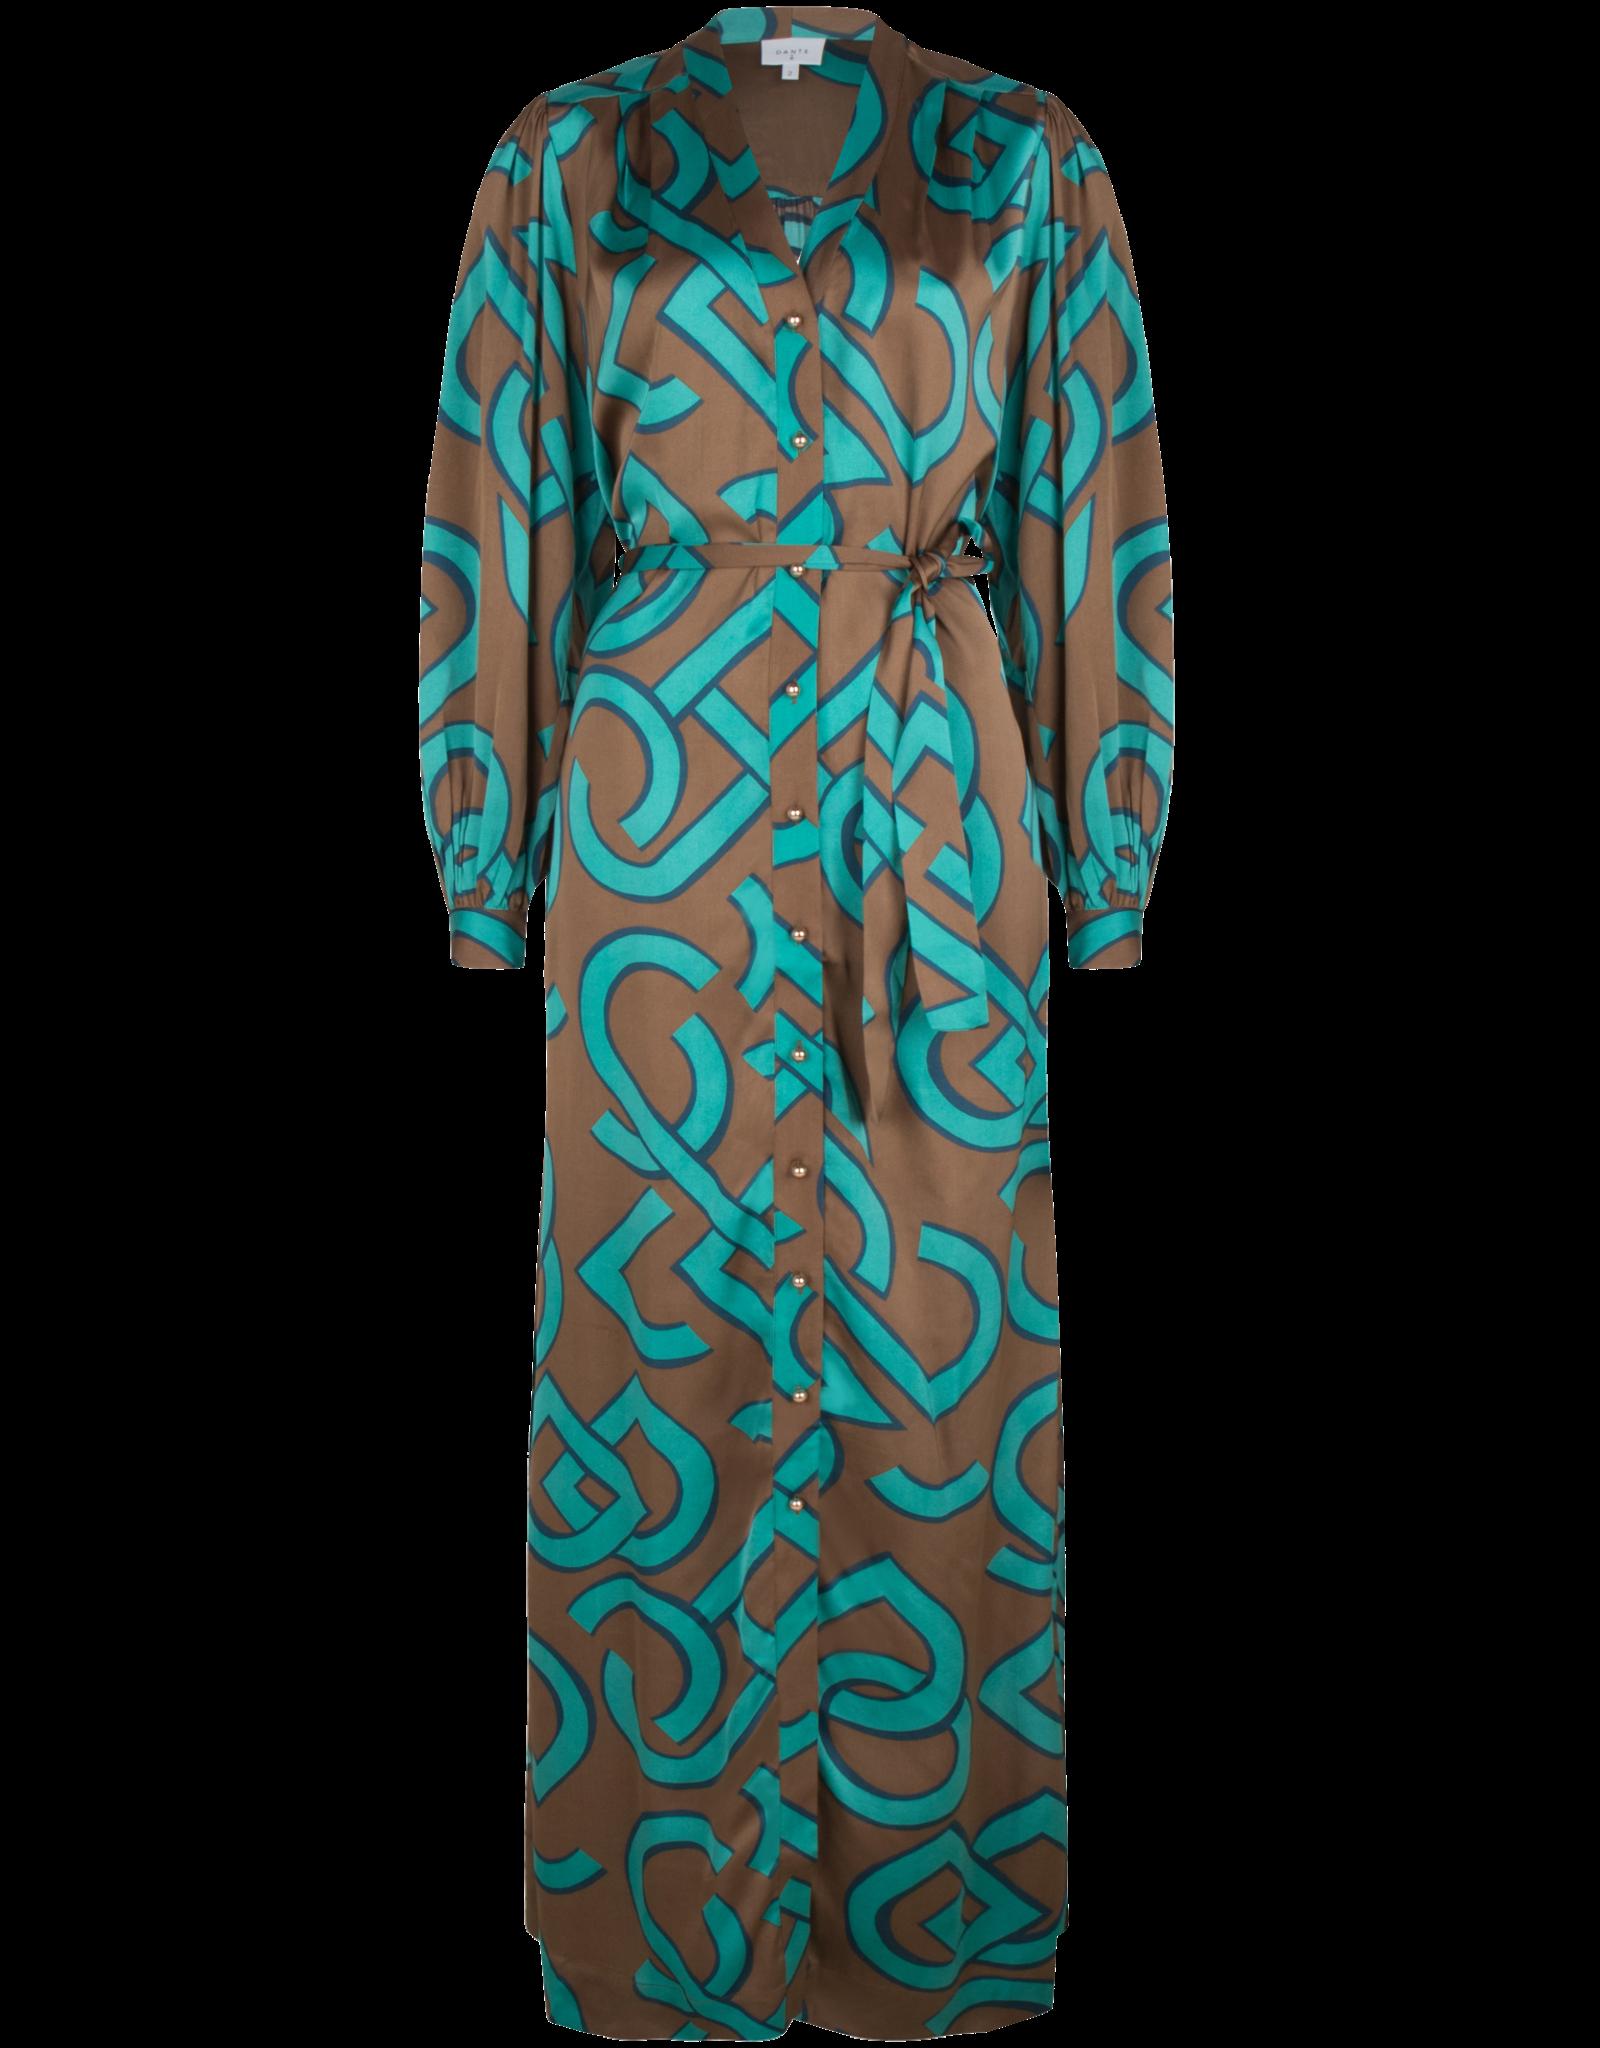 Dante6 Magnify logo print dress